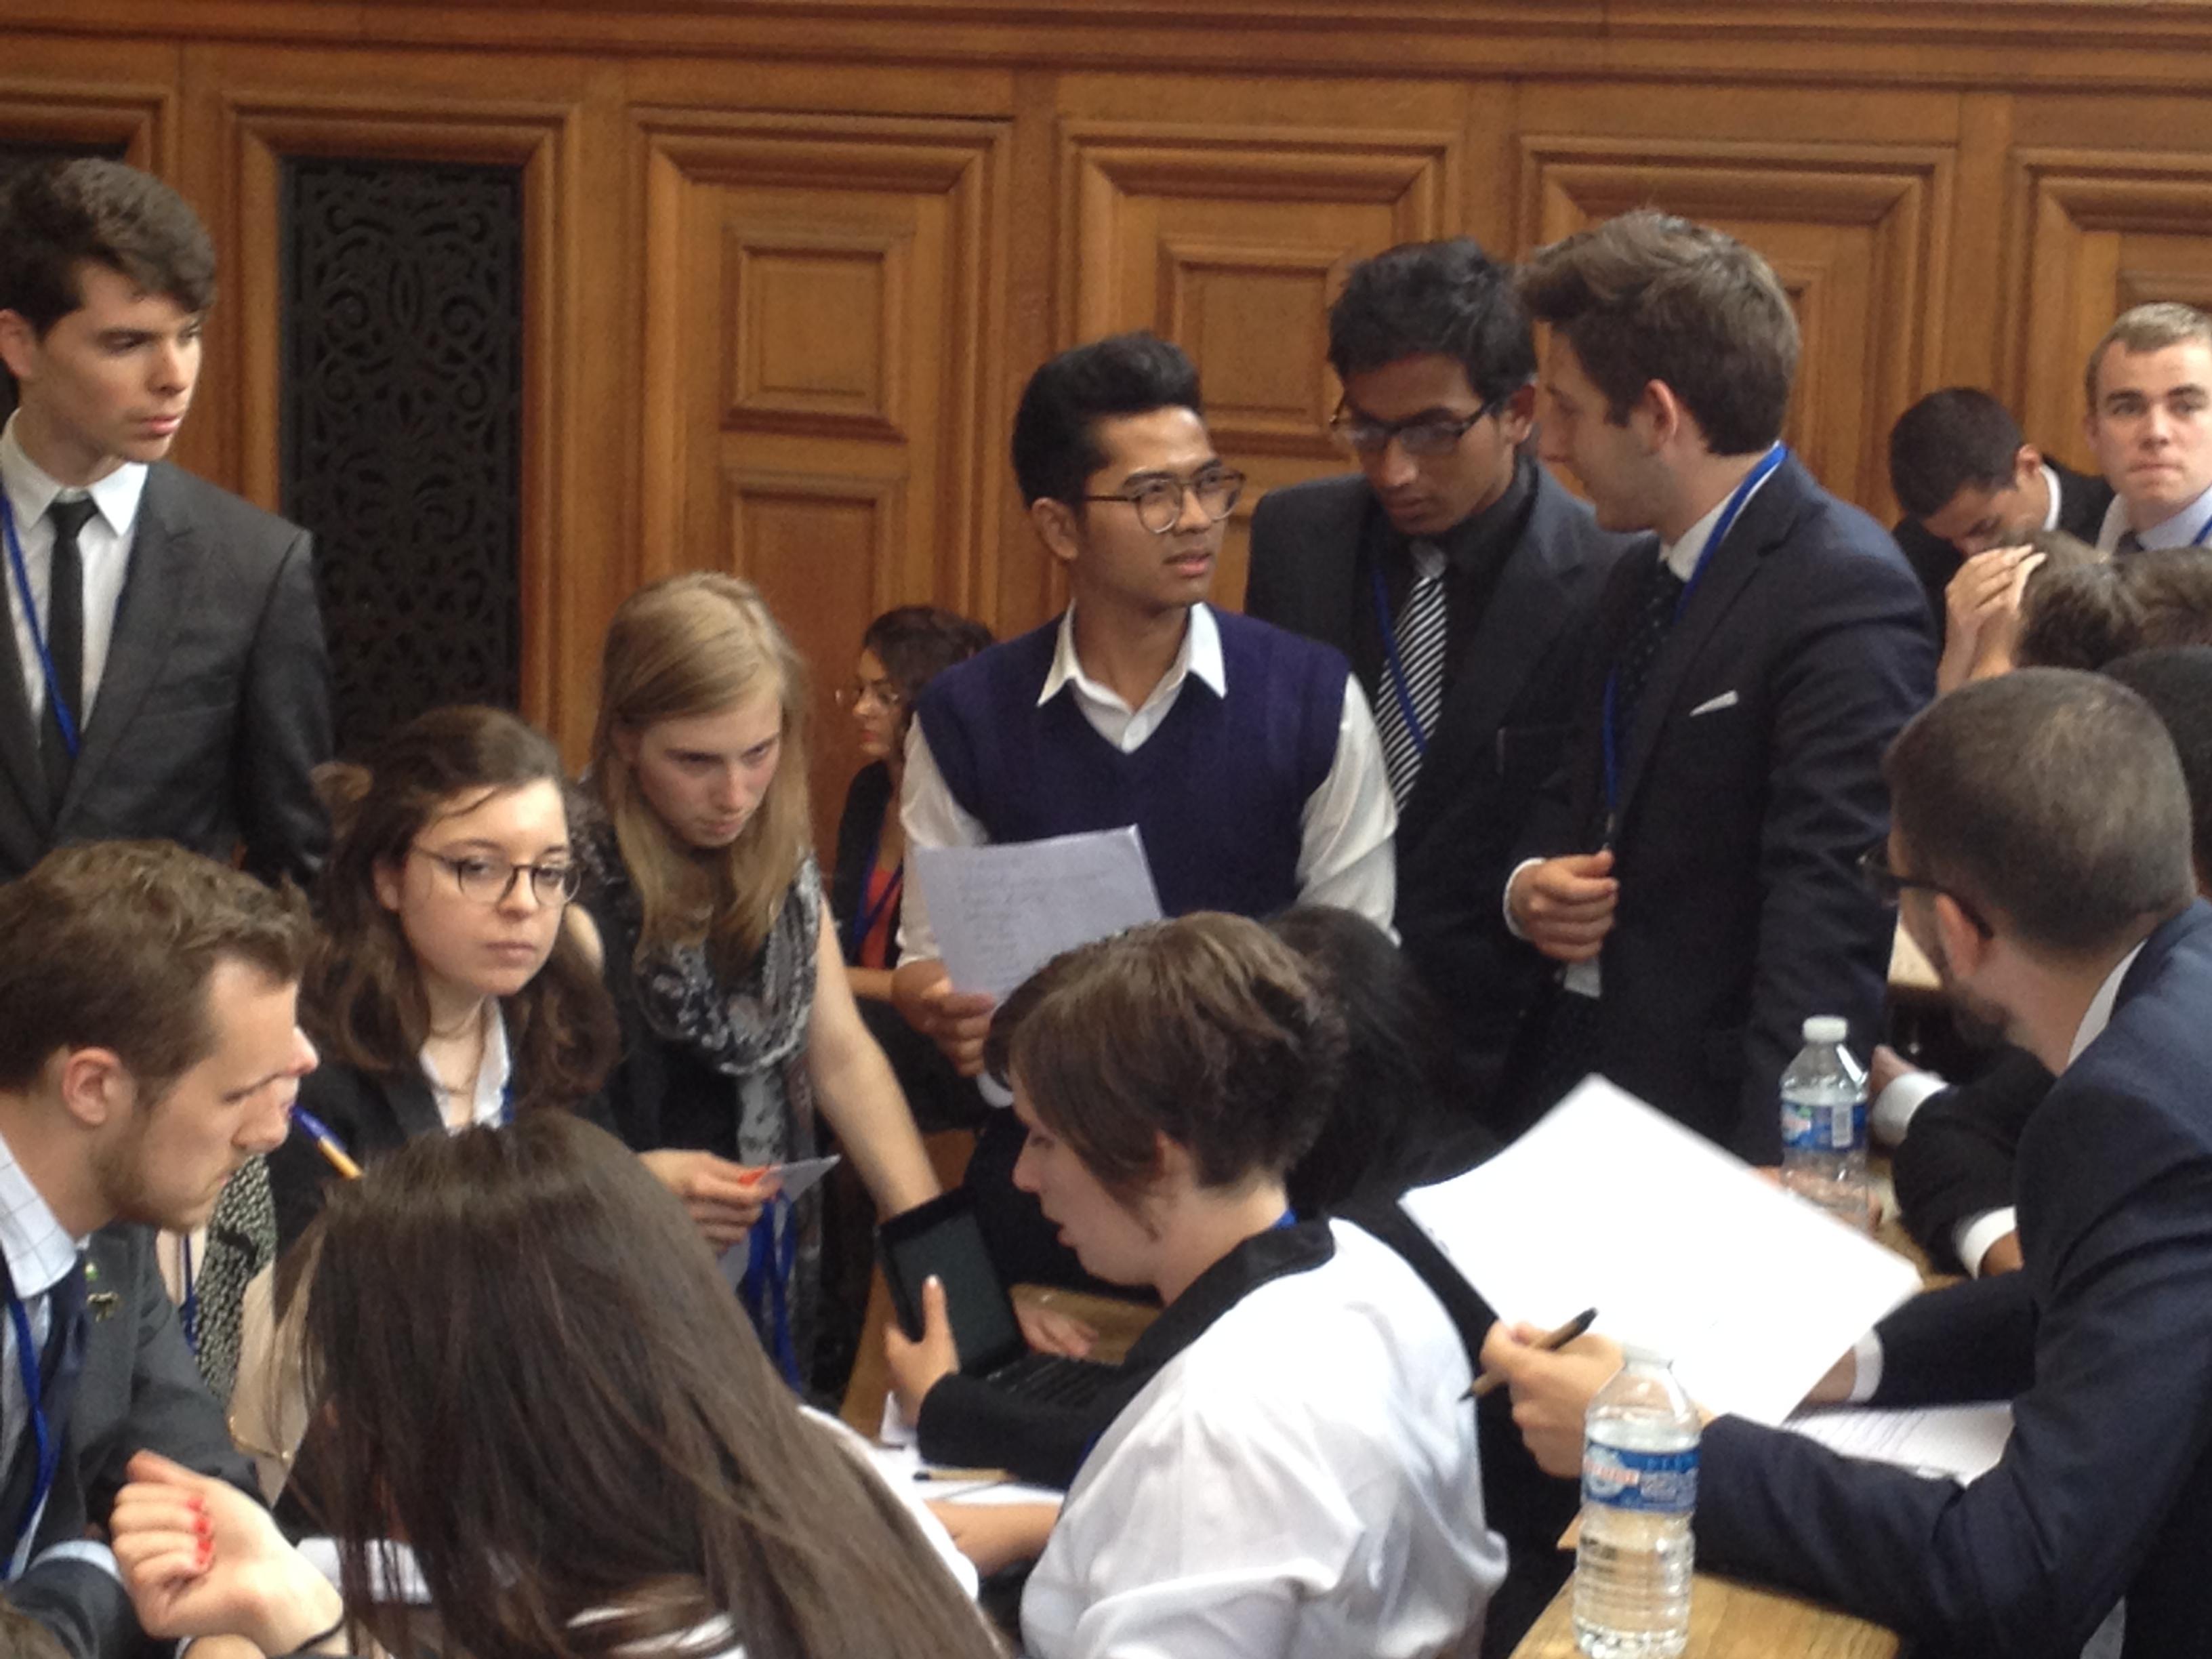 Les délégués revoient leurs résolutions